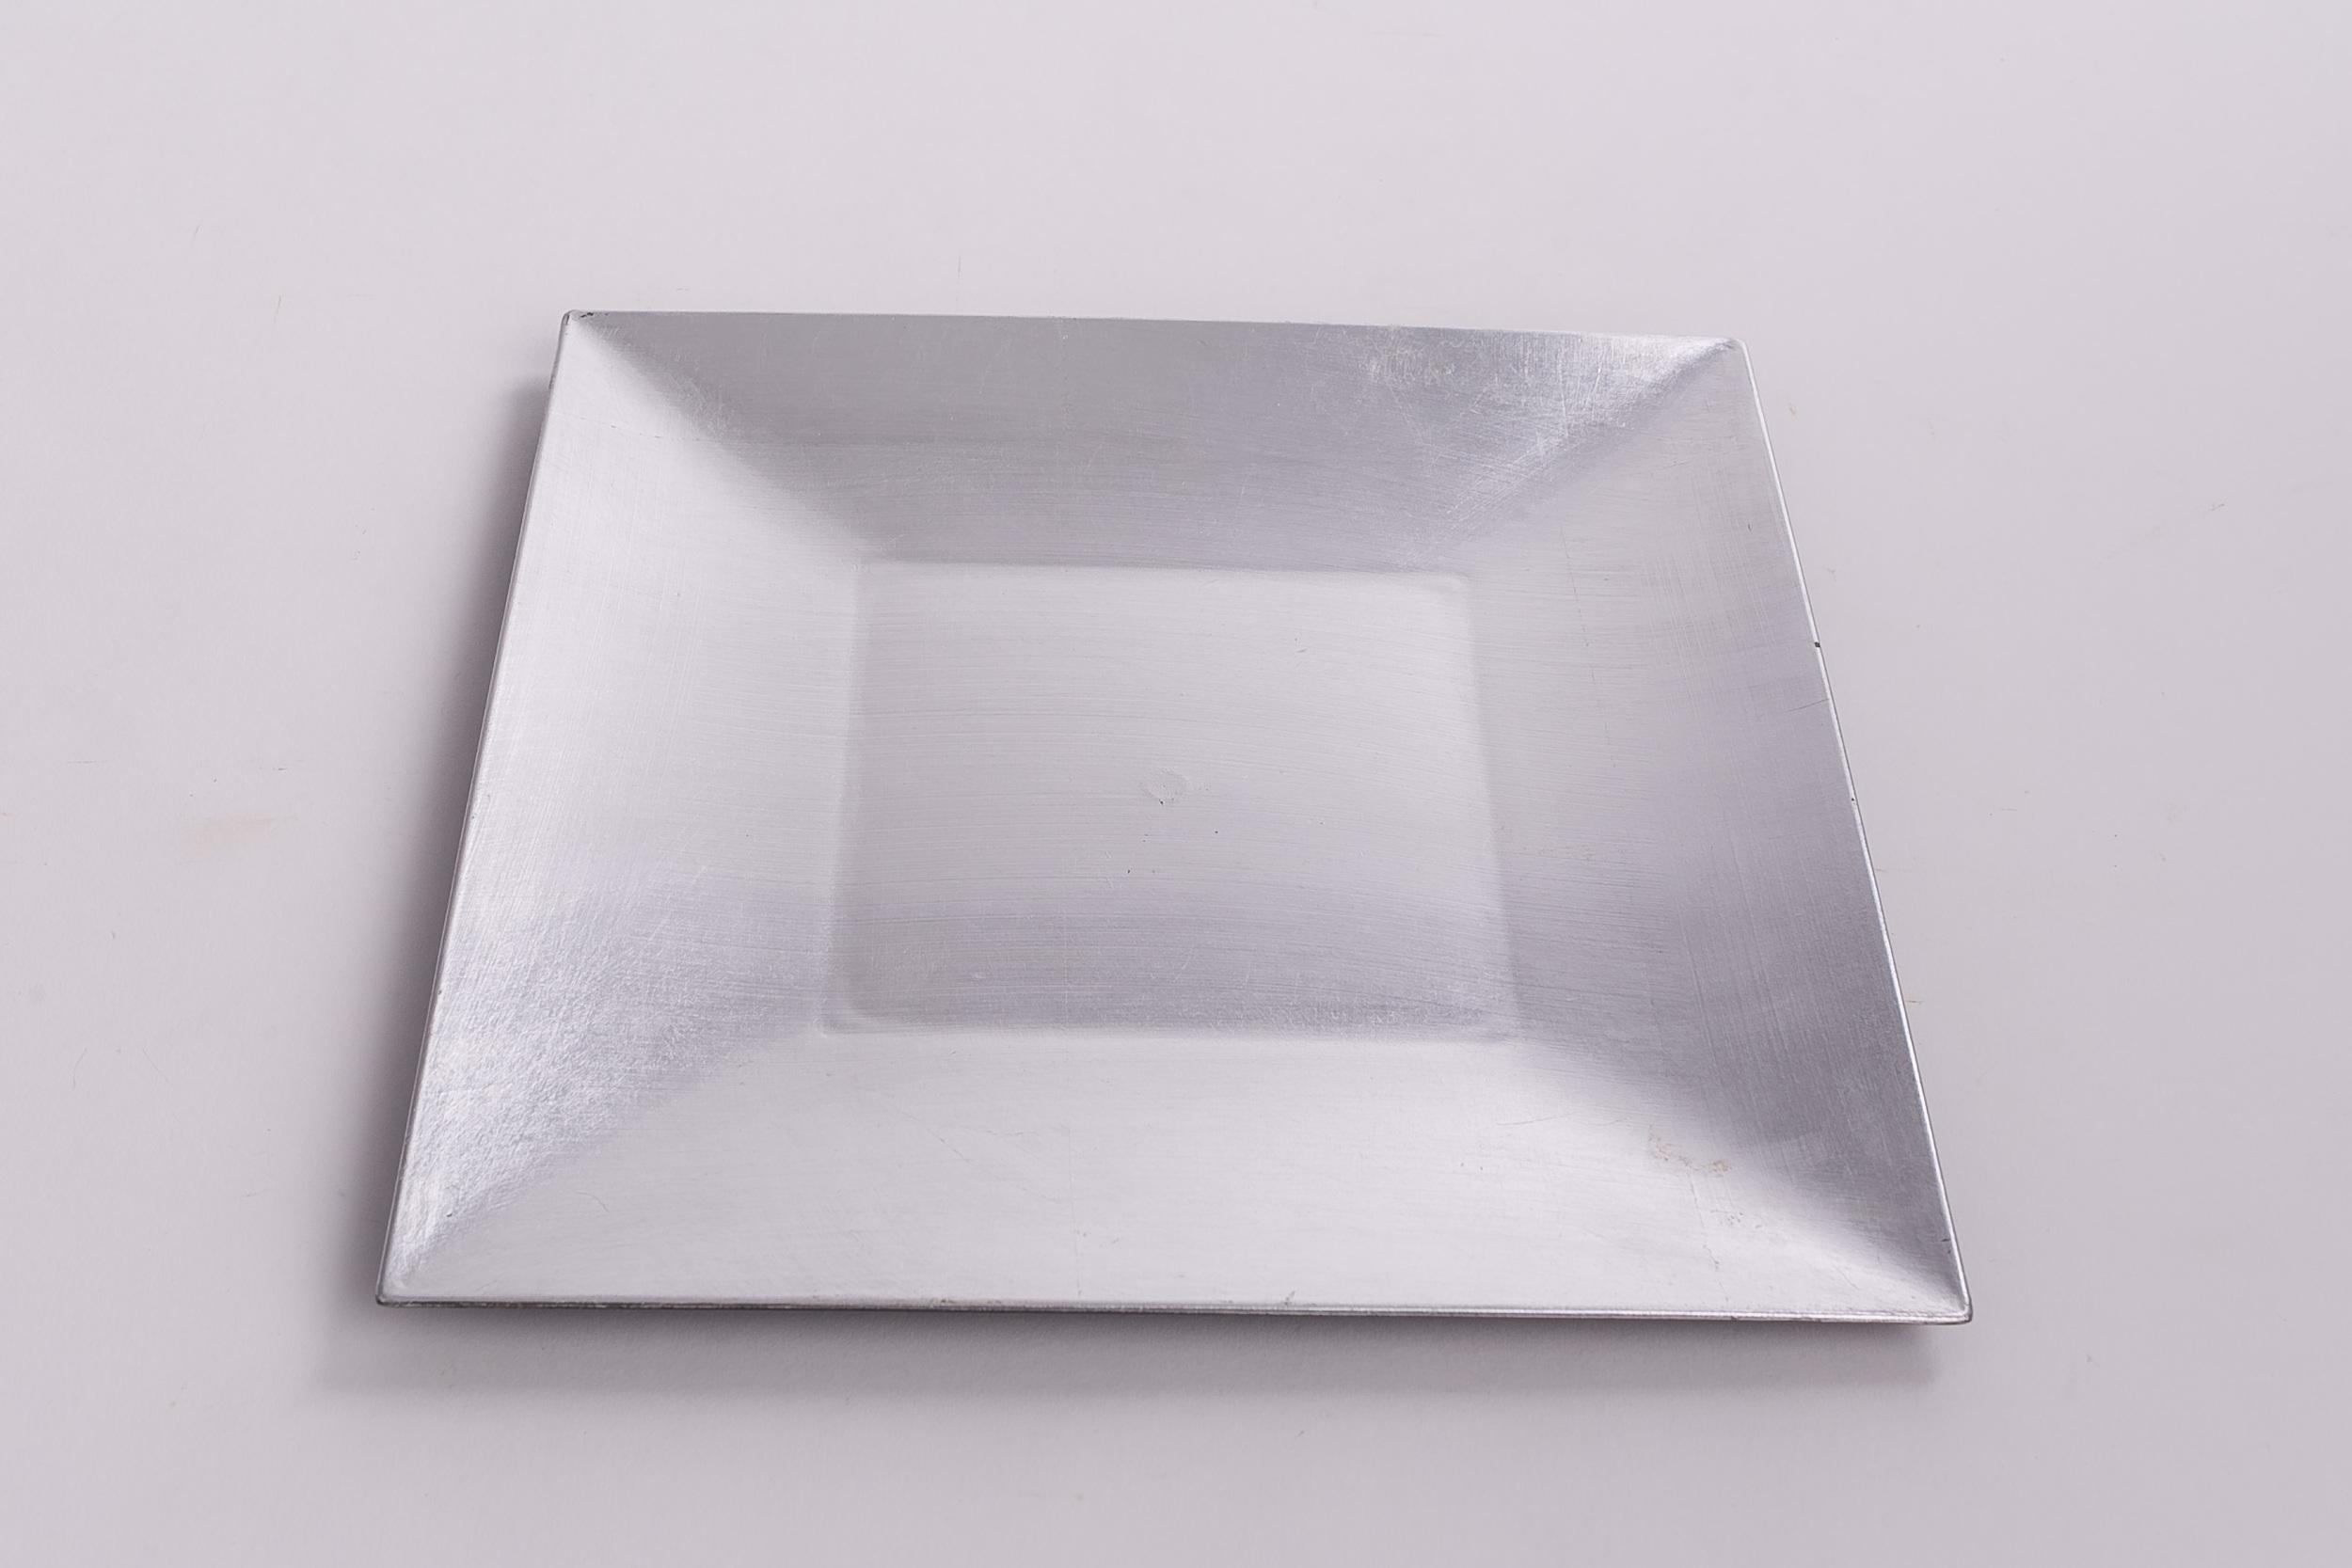 Square Classic Design - Silver